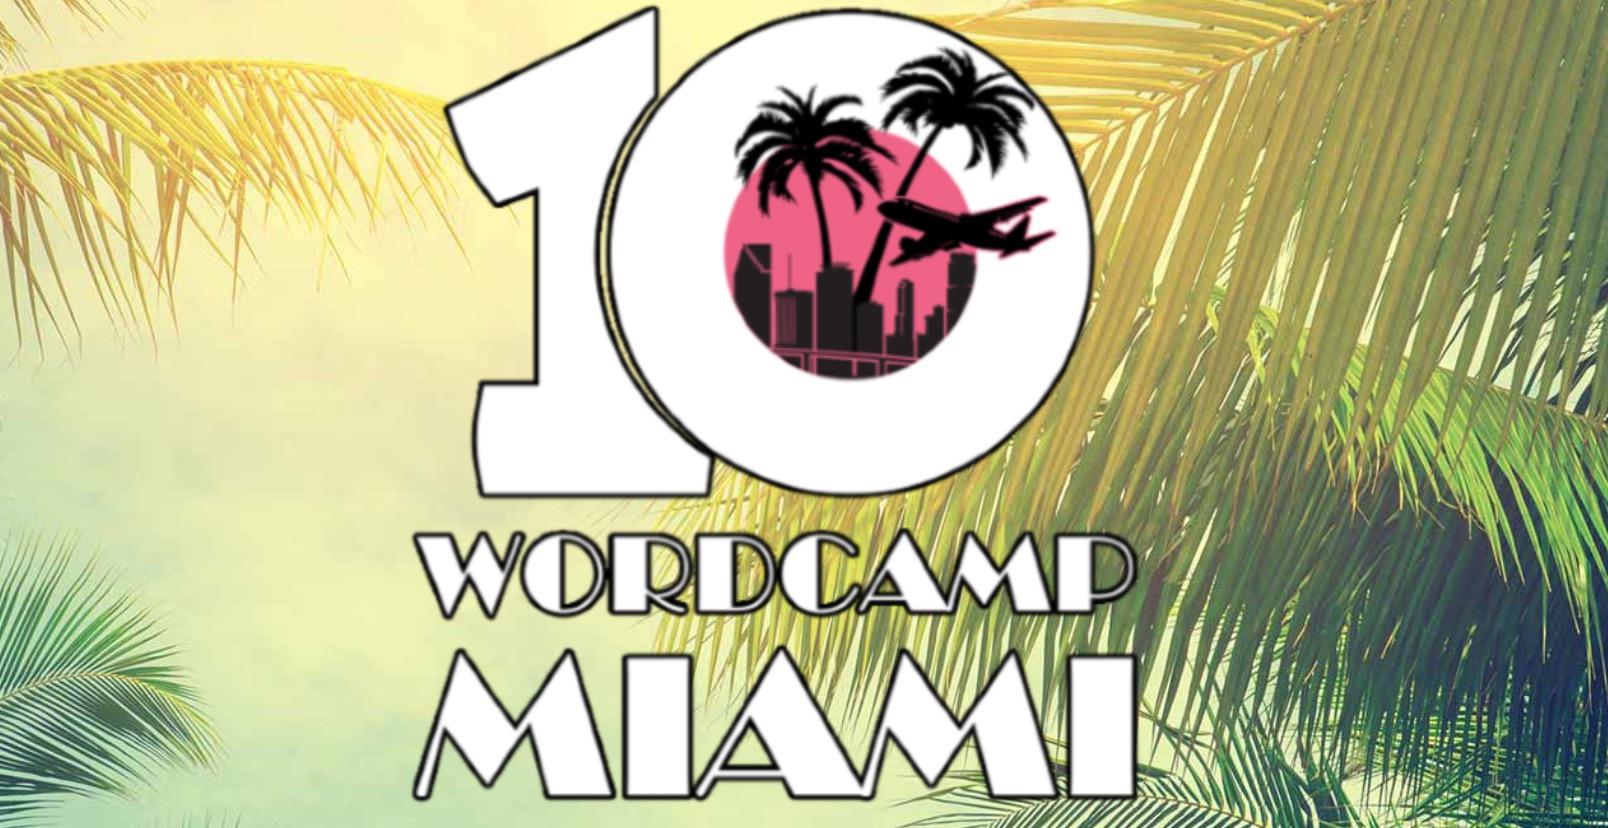 WordCamp Miami 2018 Recap